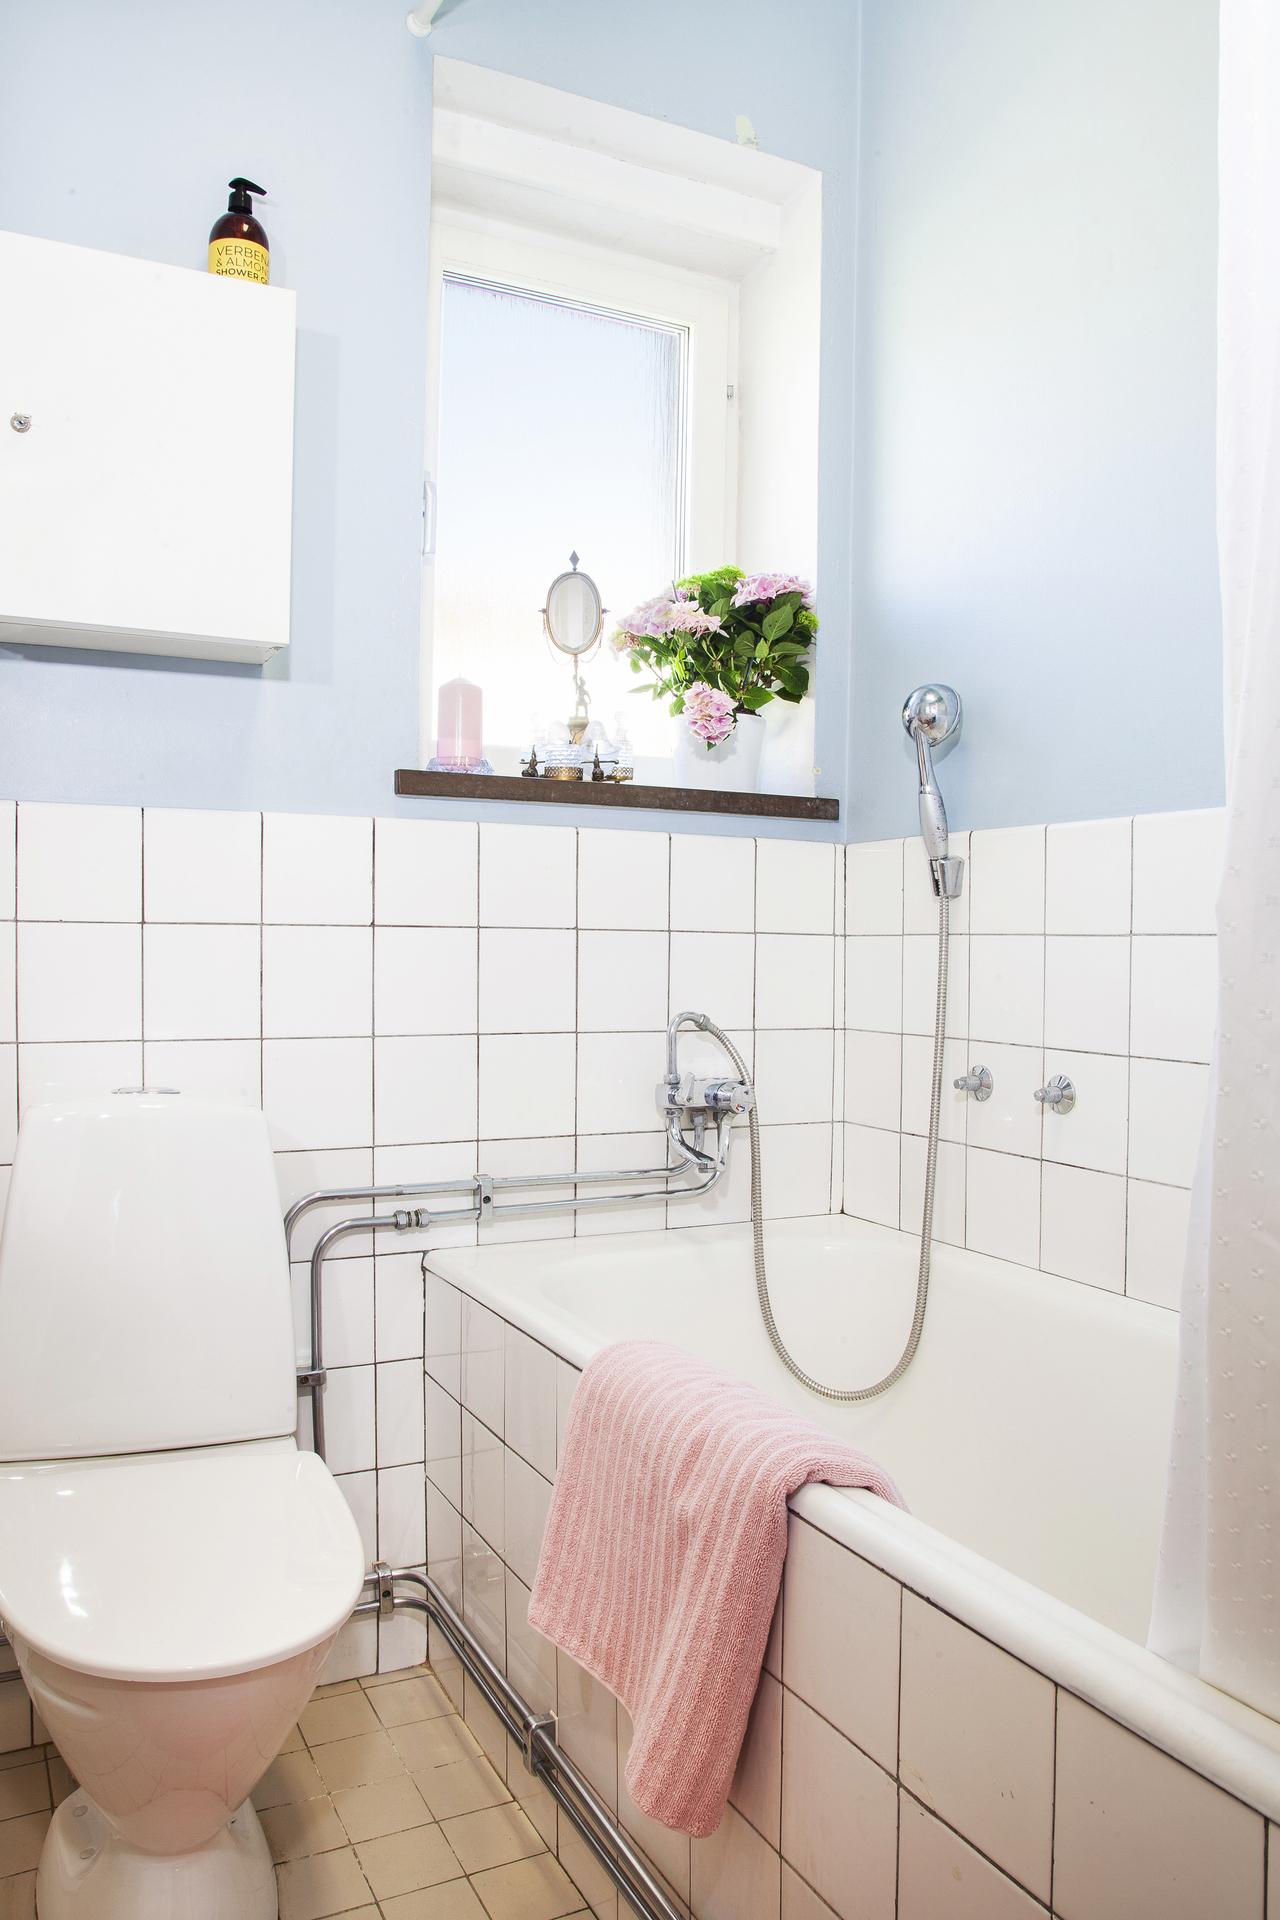 Här finns bl.a. inkaklat badkar och fönster för både ljusinsläpp och vädring